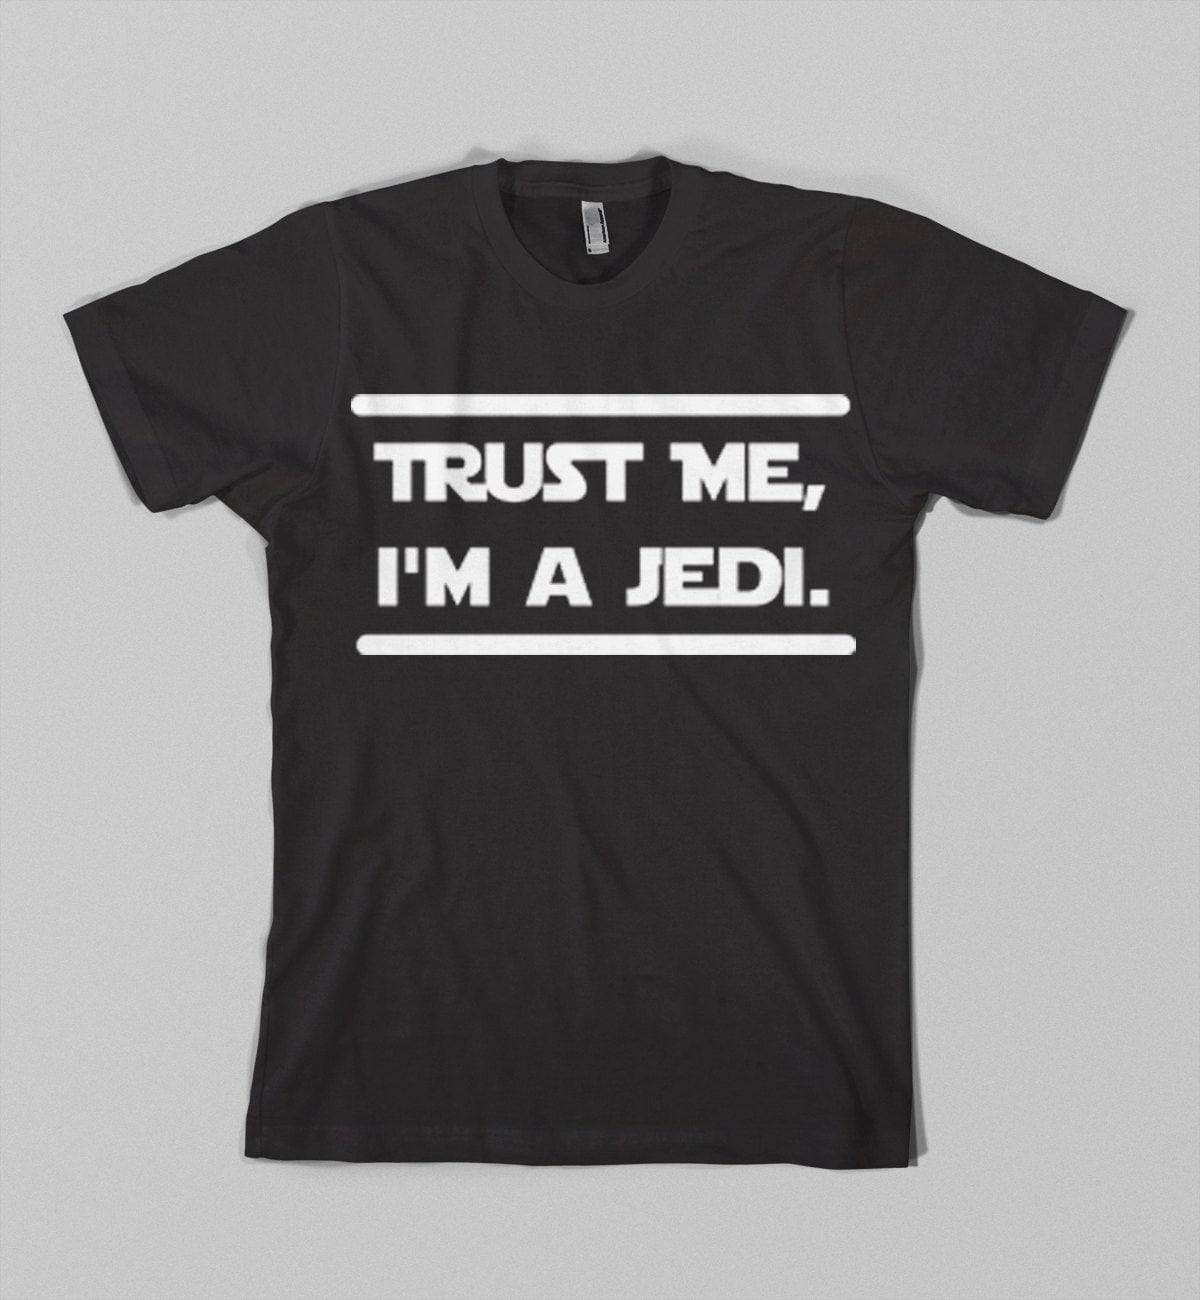 Trust Me I'm a Jedi